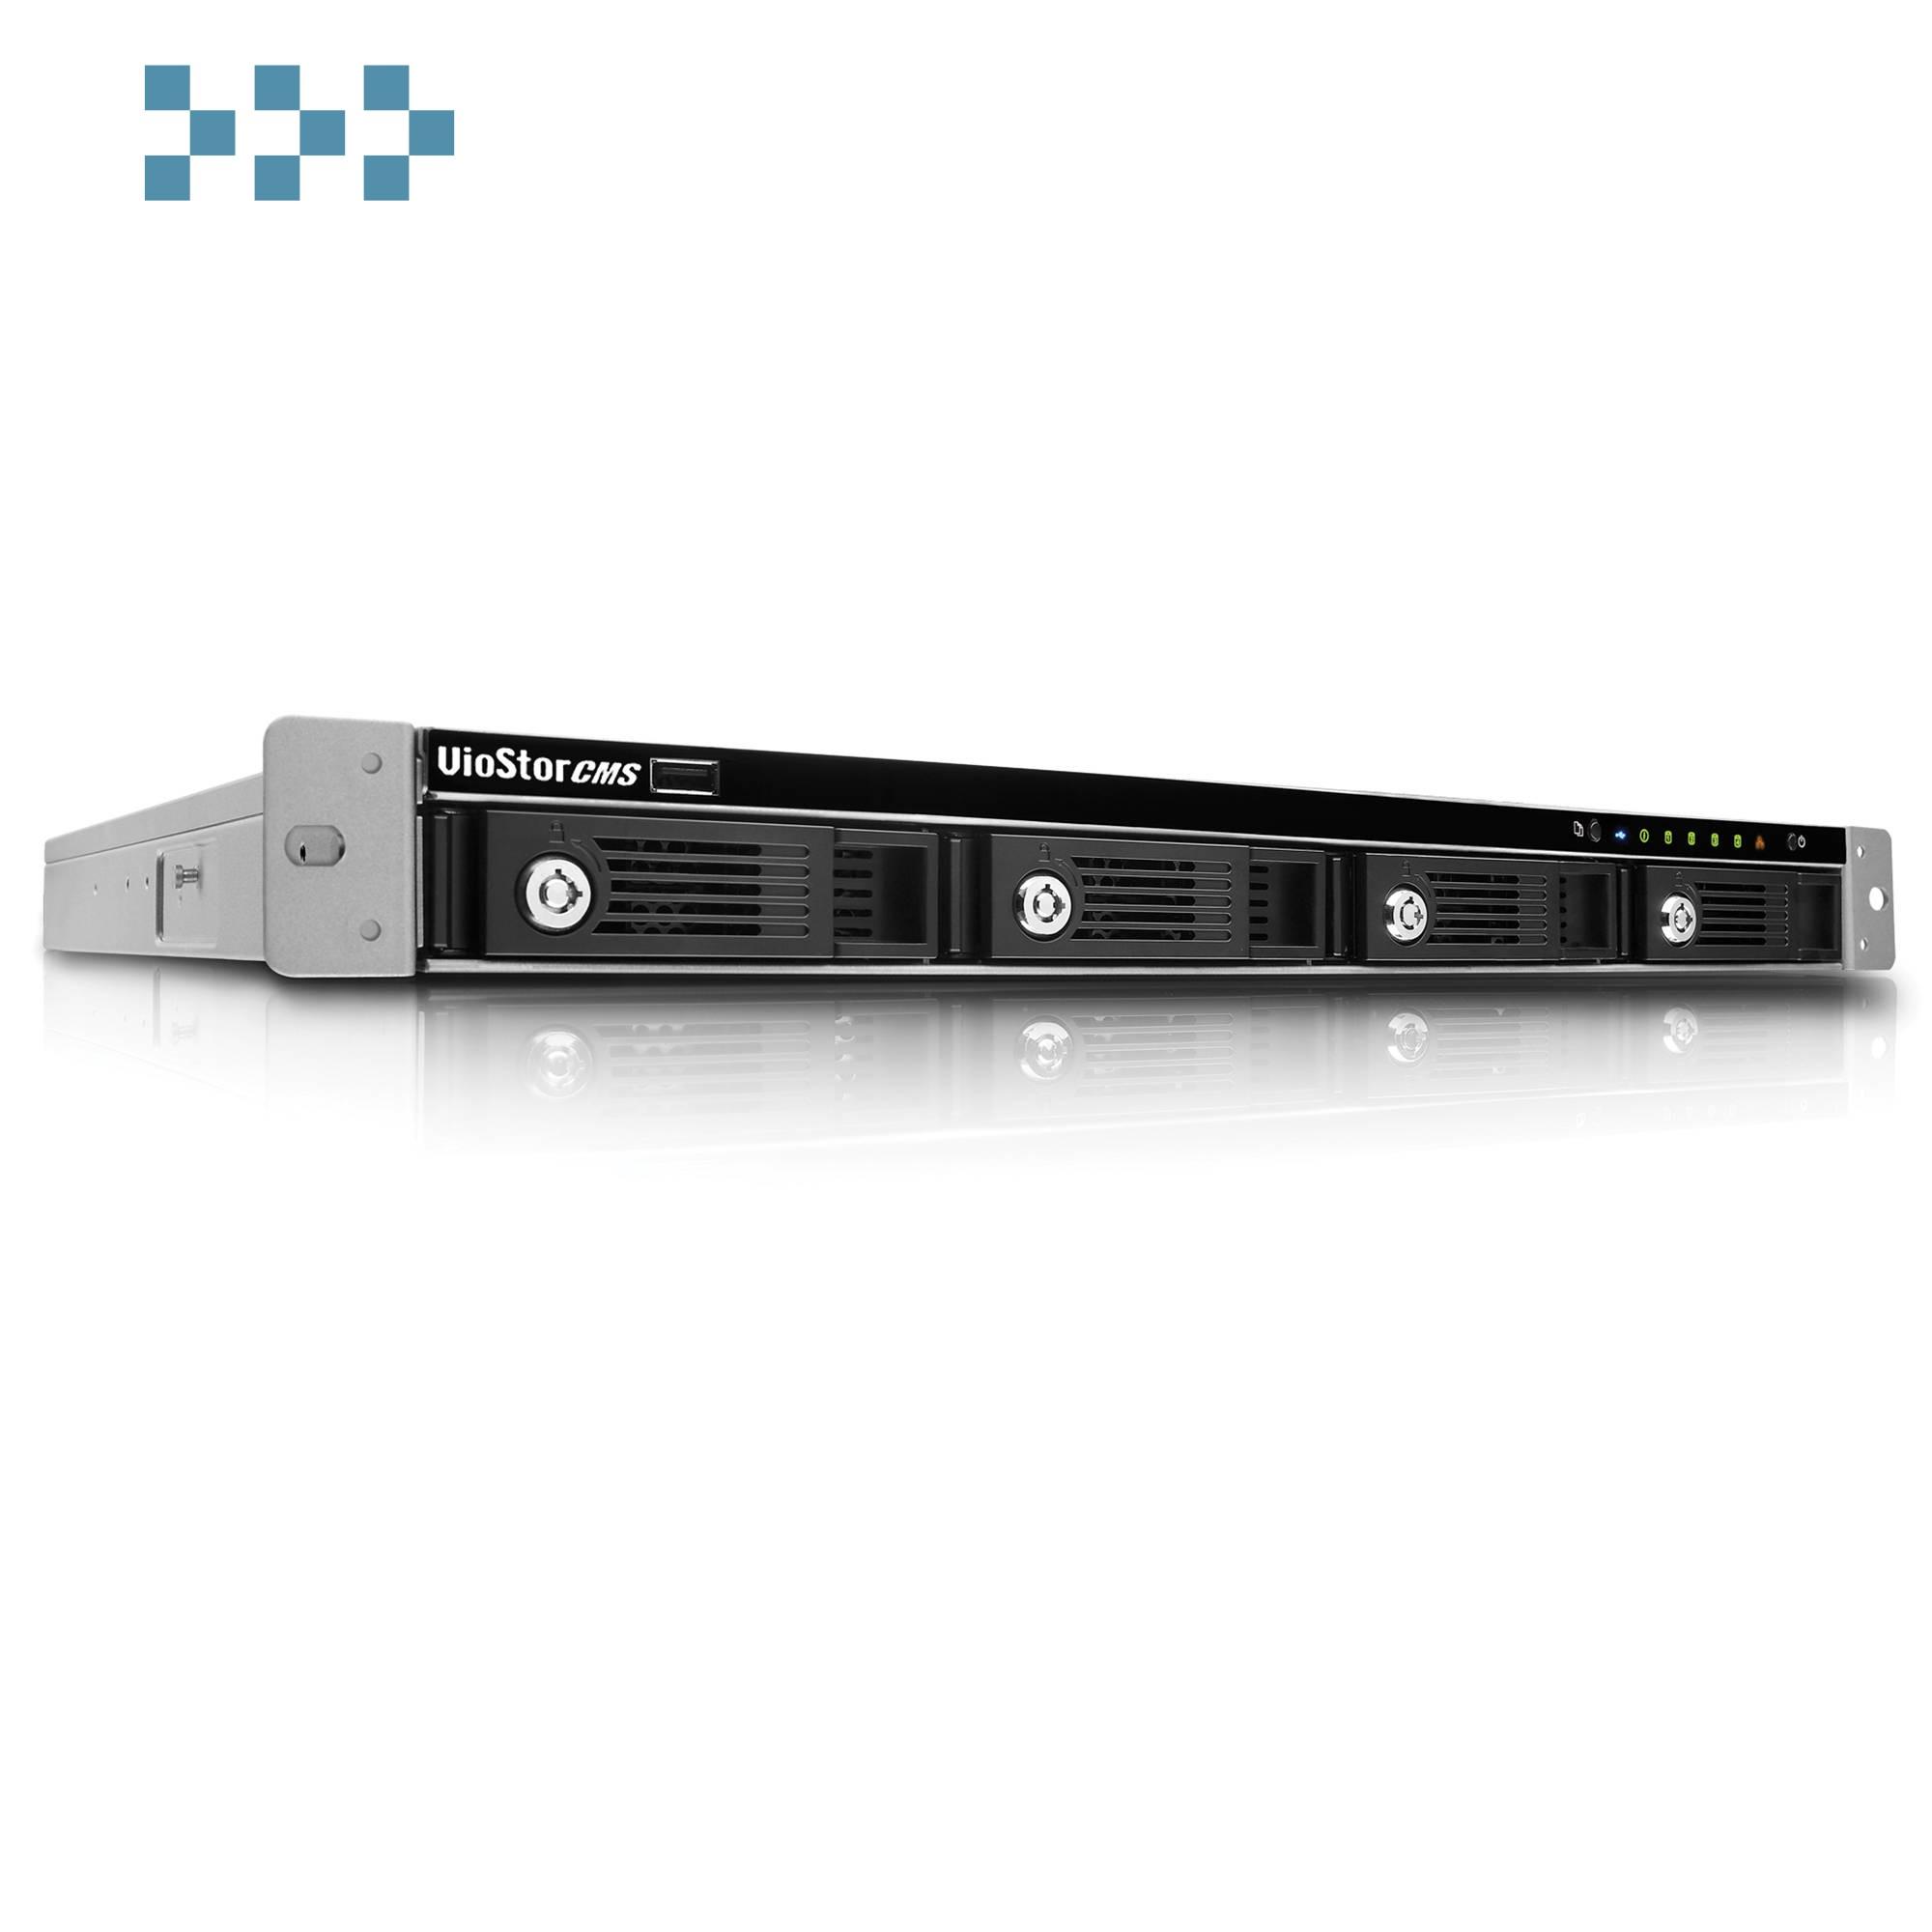 Центральная система управления и мониторинга QNAP VSM-4000U-RP